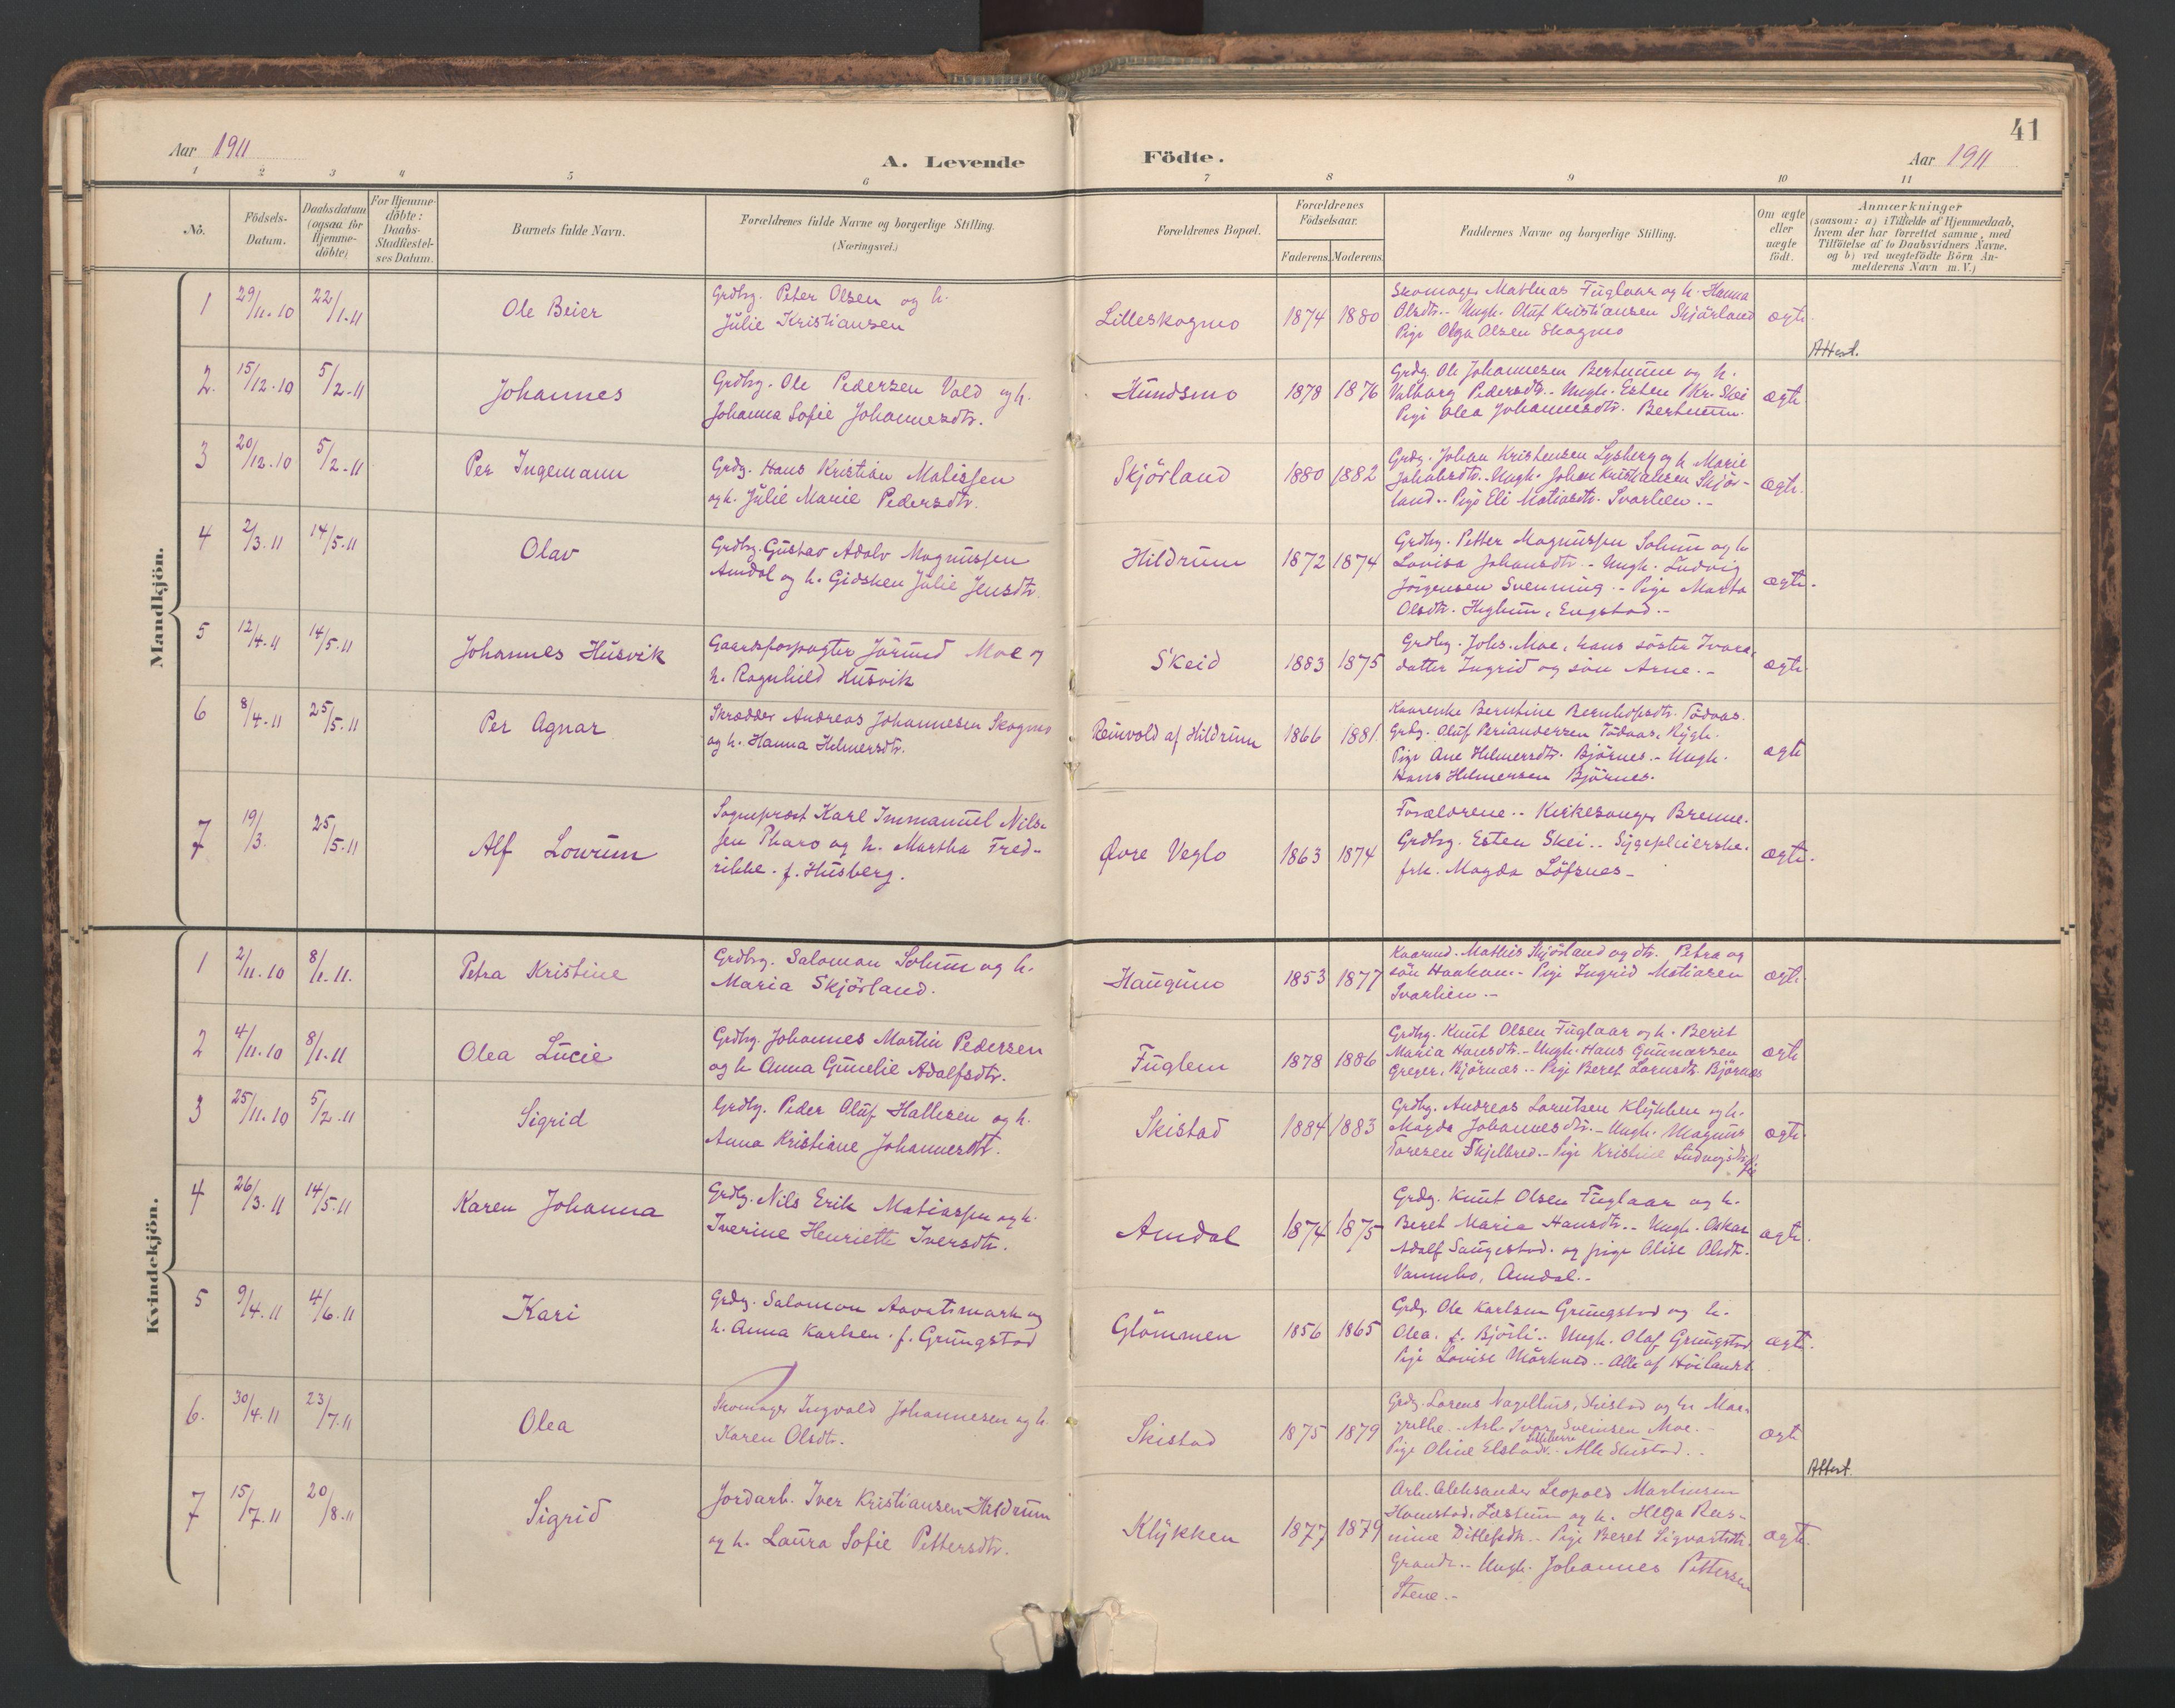 SAT, Ministerialprotokoller, klokkerbøker og fødselsregistre - Nord-Trøndelag, 764/L0556: Ministerialbok nr. 764A11, 1897-1924, s. 41